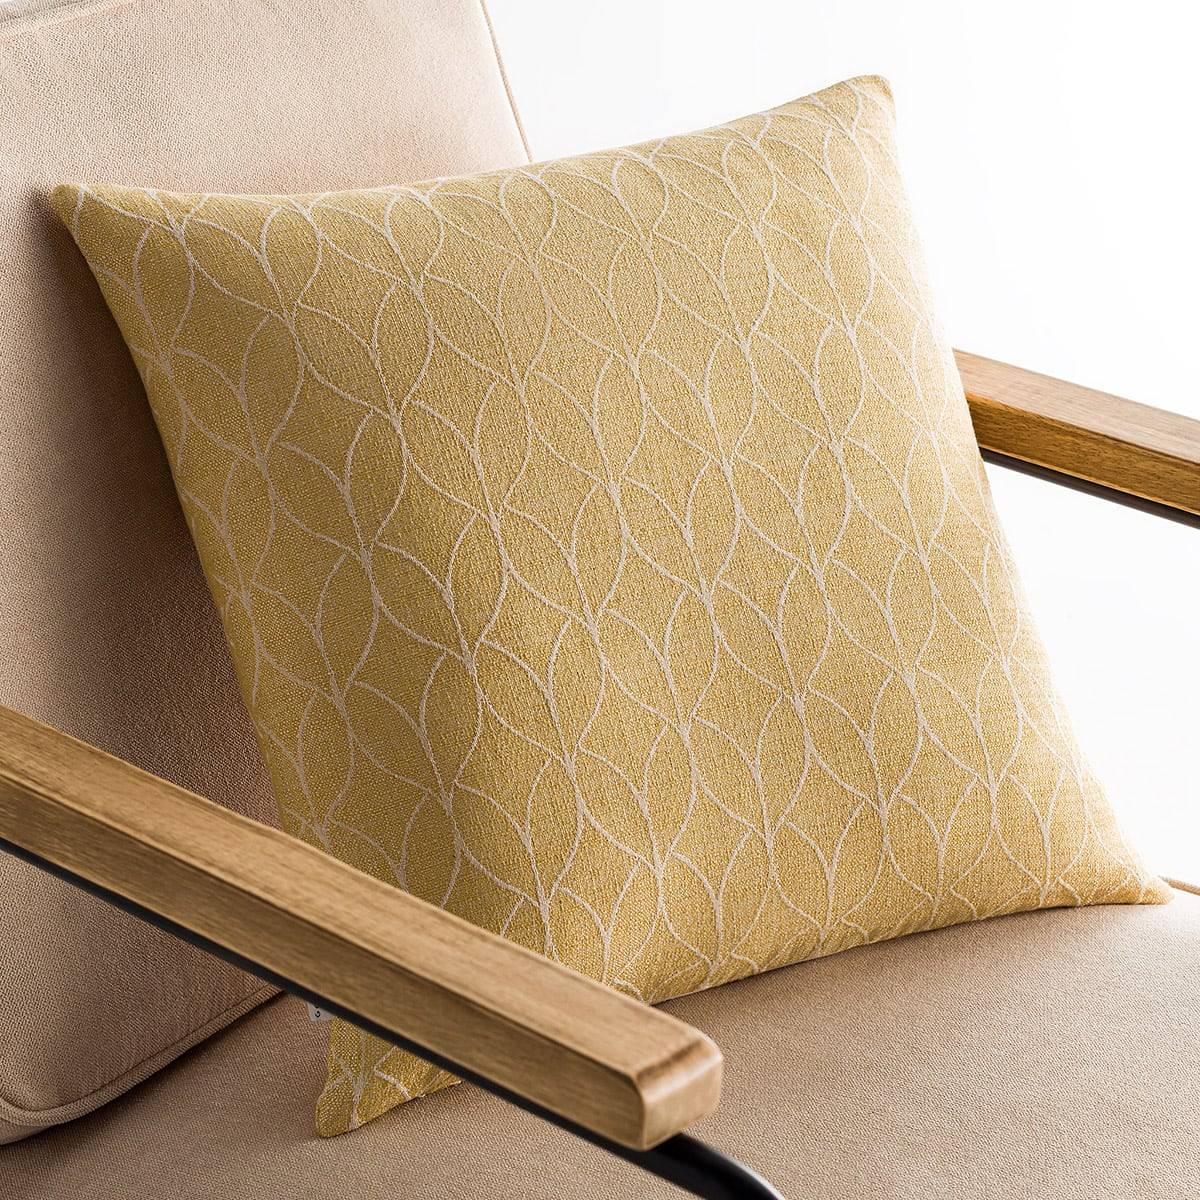 Μαξιλαροθήκη Διακοσμητική Lumien Mustard 517/04 Gofis Home 50X50 Βαμβάκι-Polyester